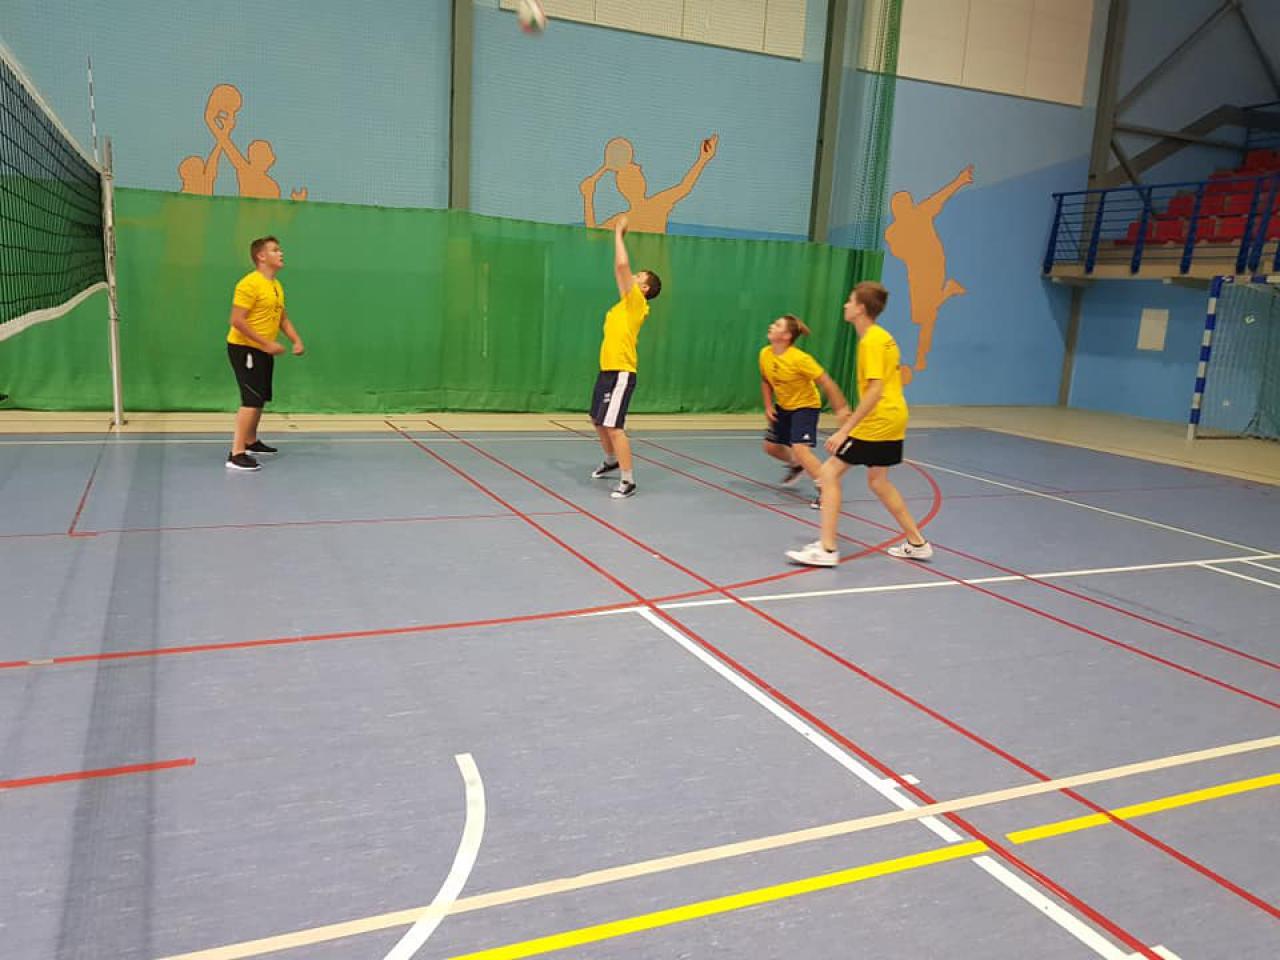 [FOTO] Za nami pierwszy turniej piłki siatkowej organizowany w hali Słoneczna